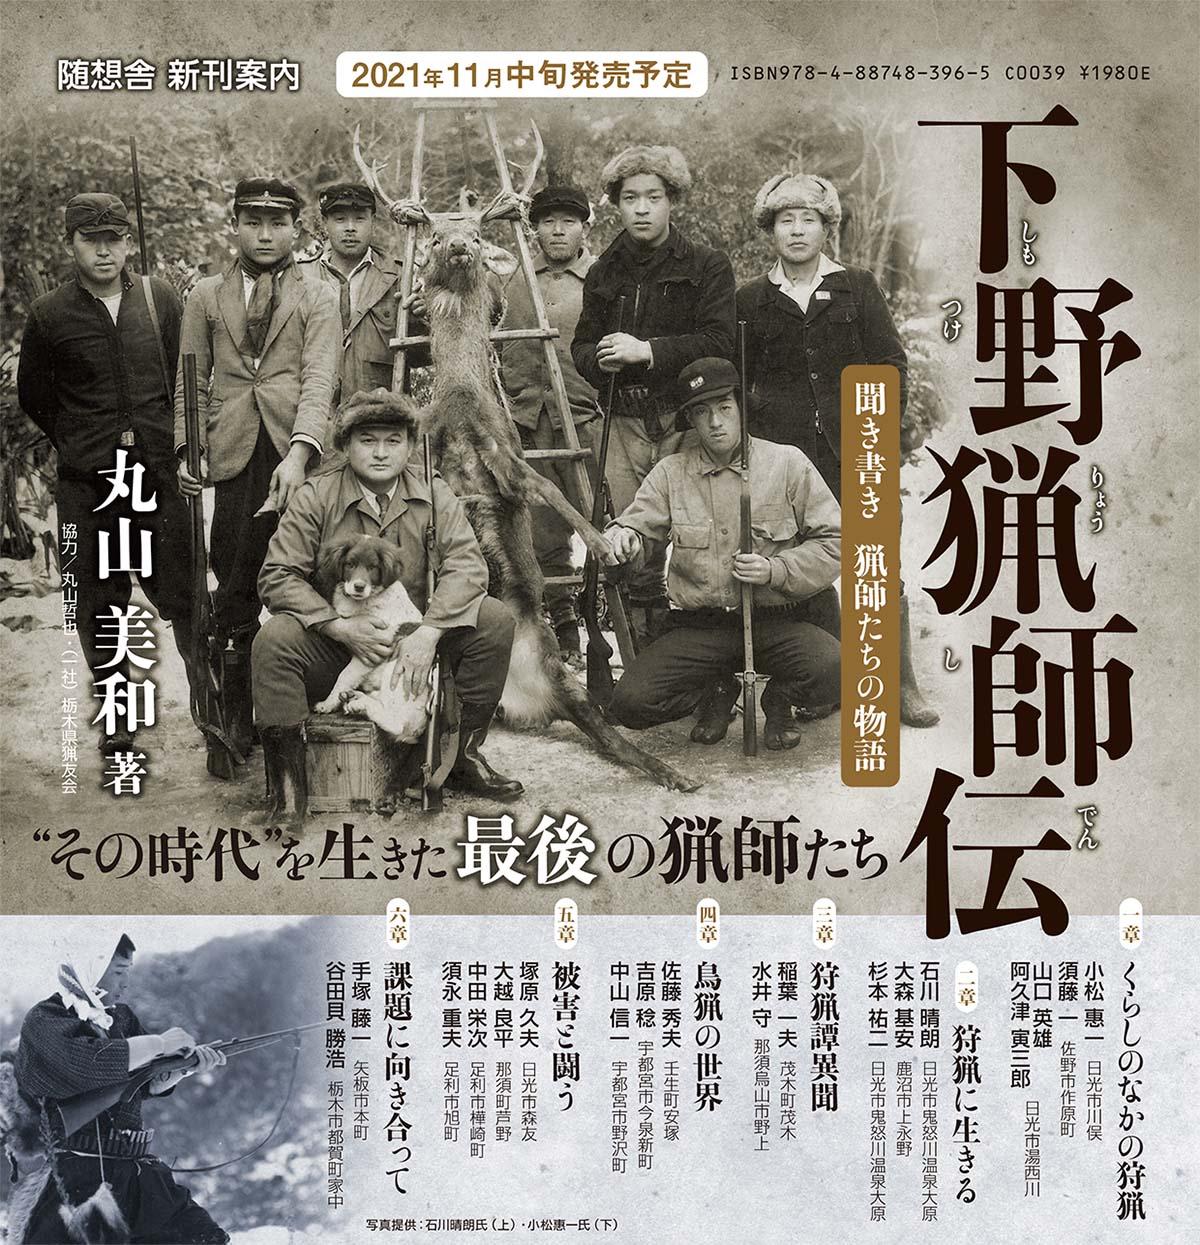 下野猟師伝 聞き書き 猟師たちの物語